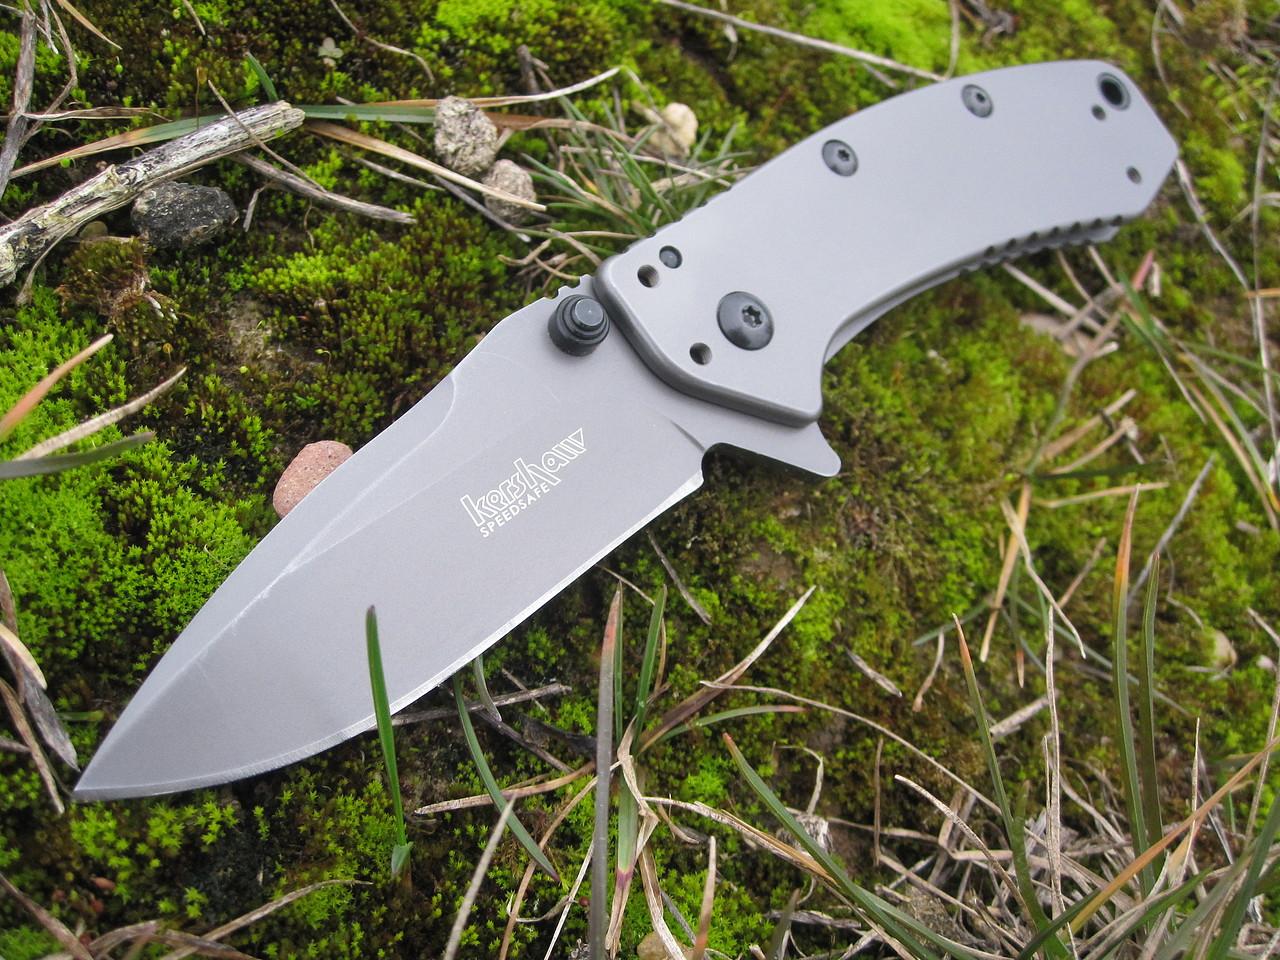 Foro armas blancas cuchillos navajas y m s kershaw cryo 1555ti navajas - Navajas buenas ...